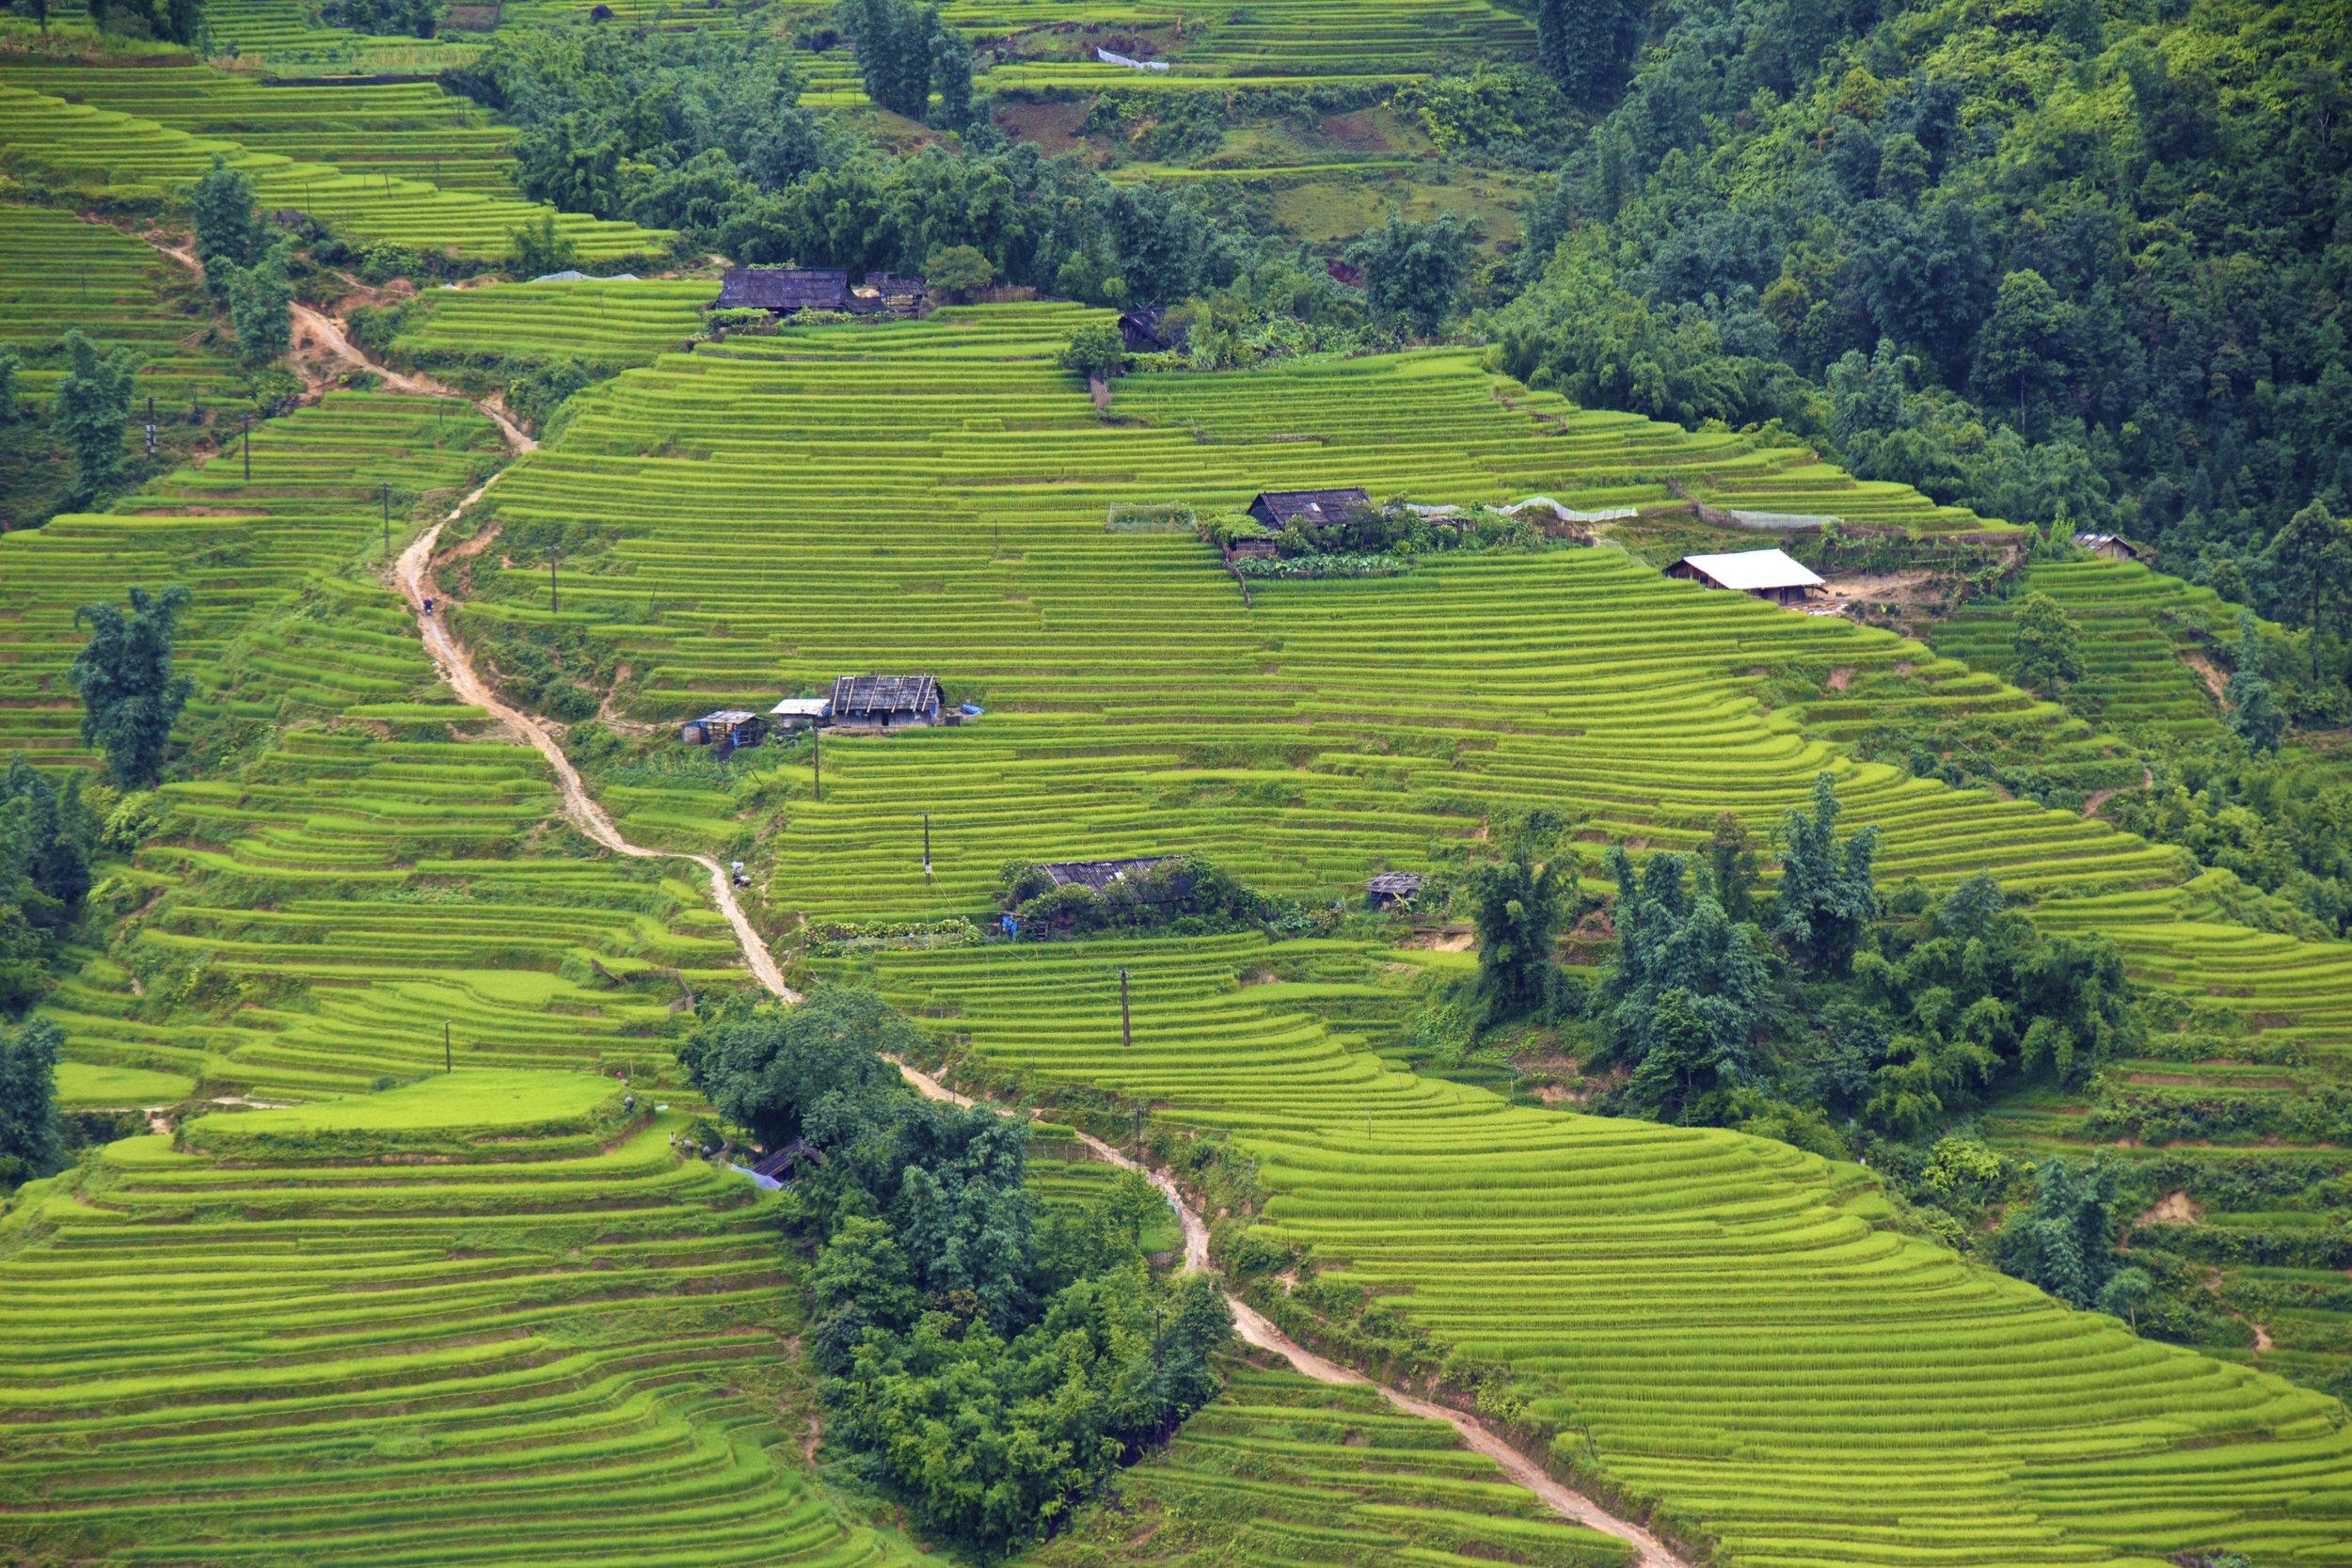 sa pa lao cai vietnam rice paddies 7.jpg